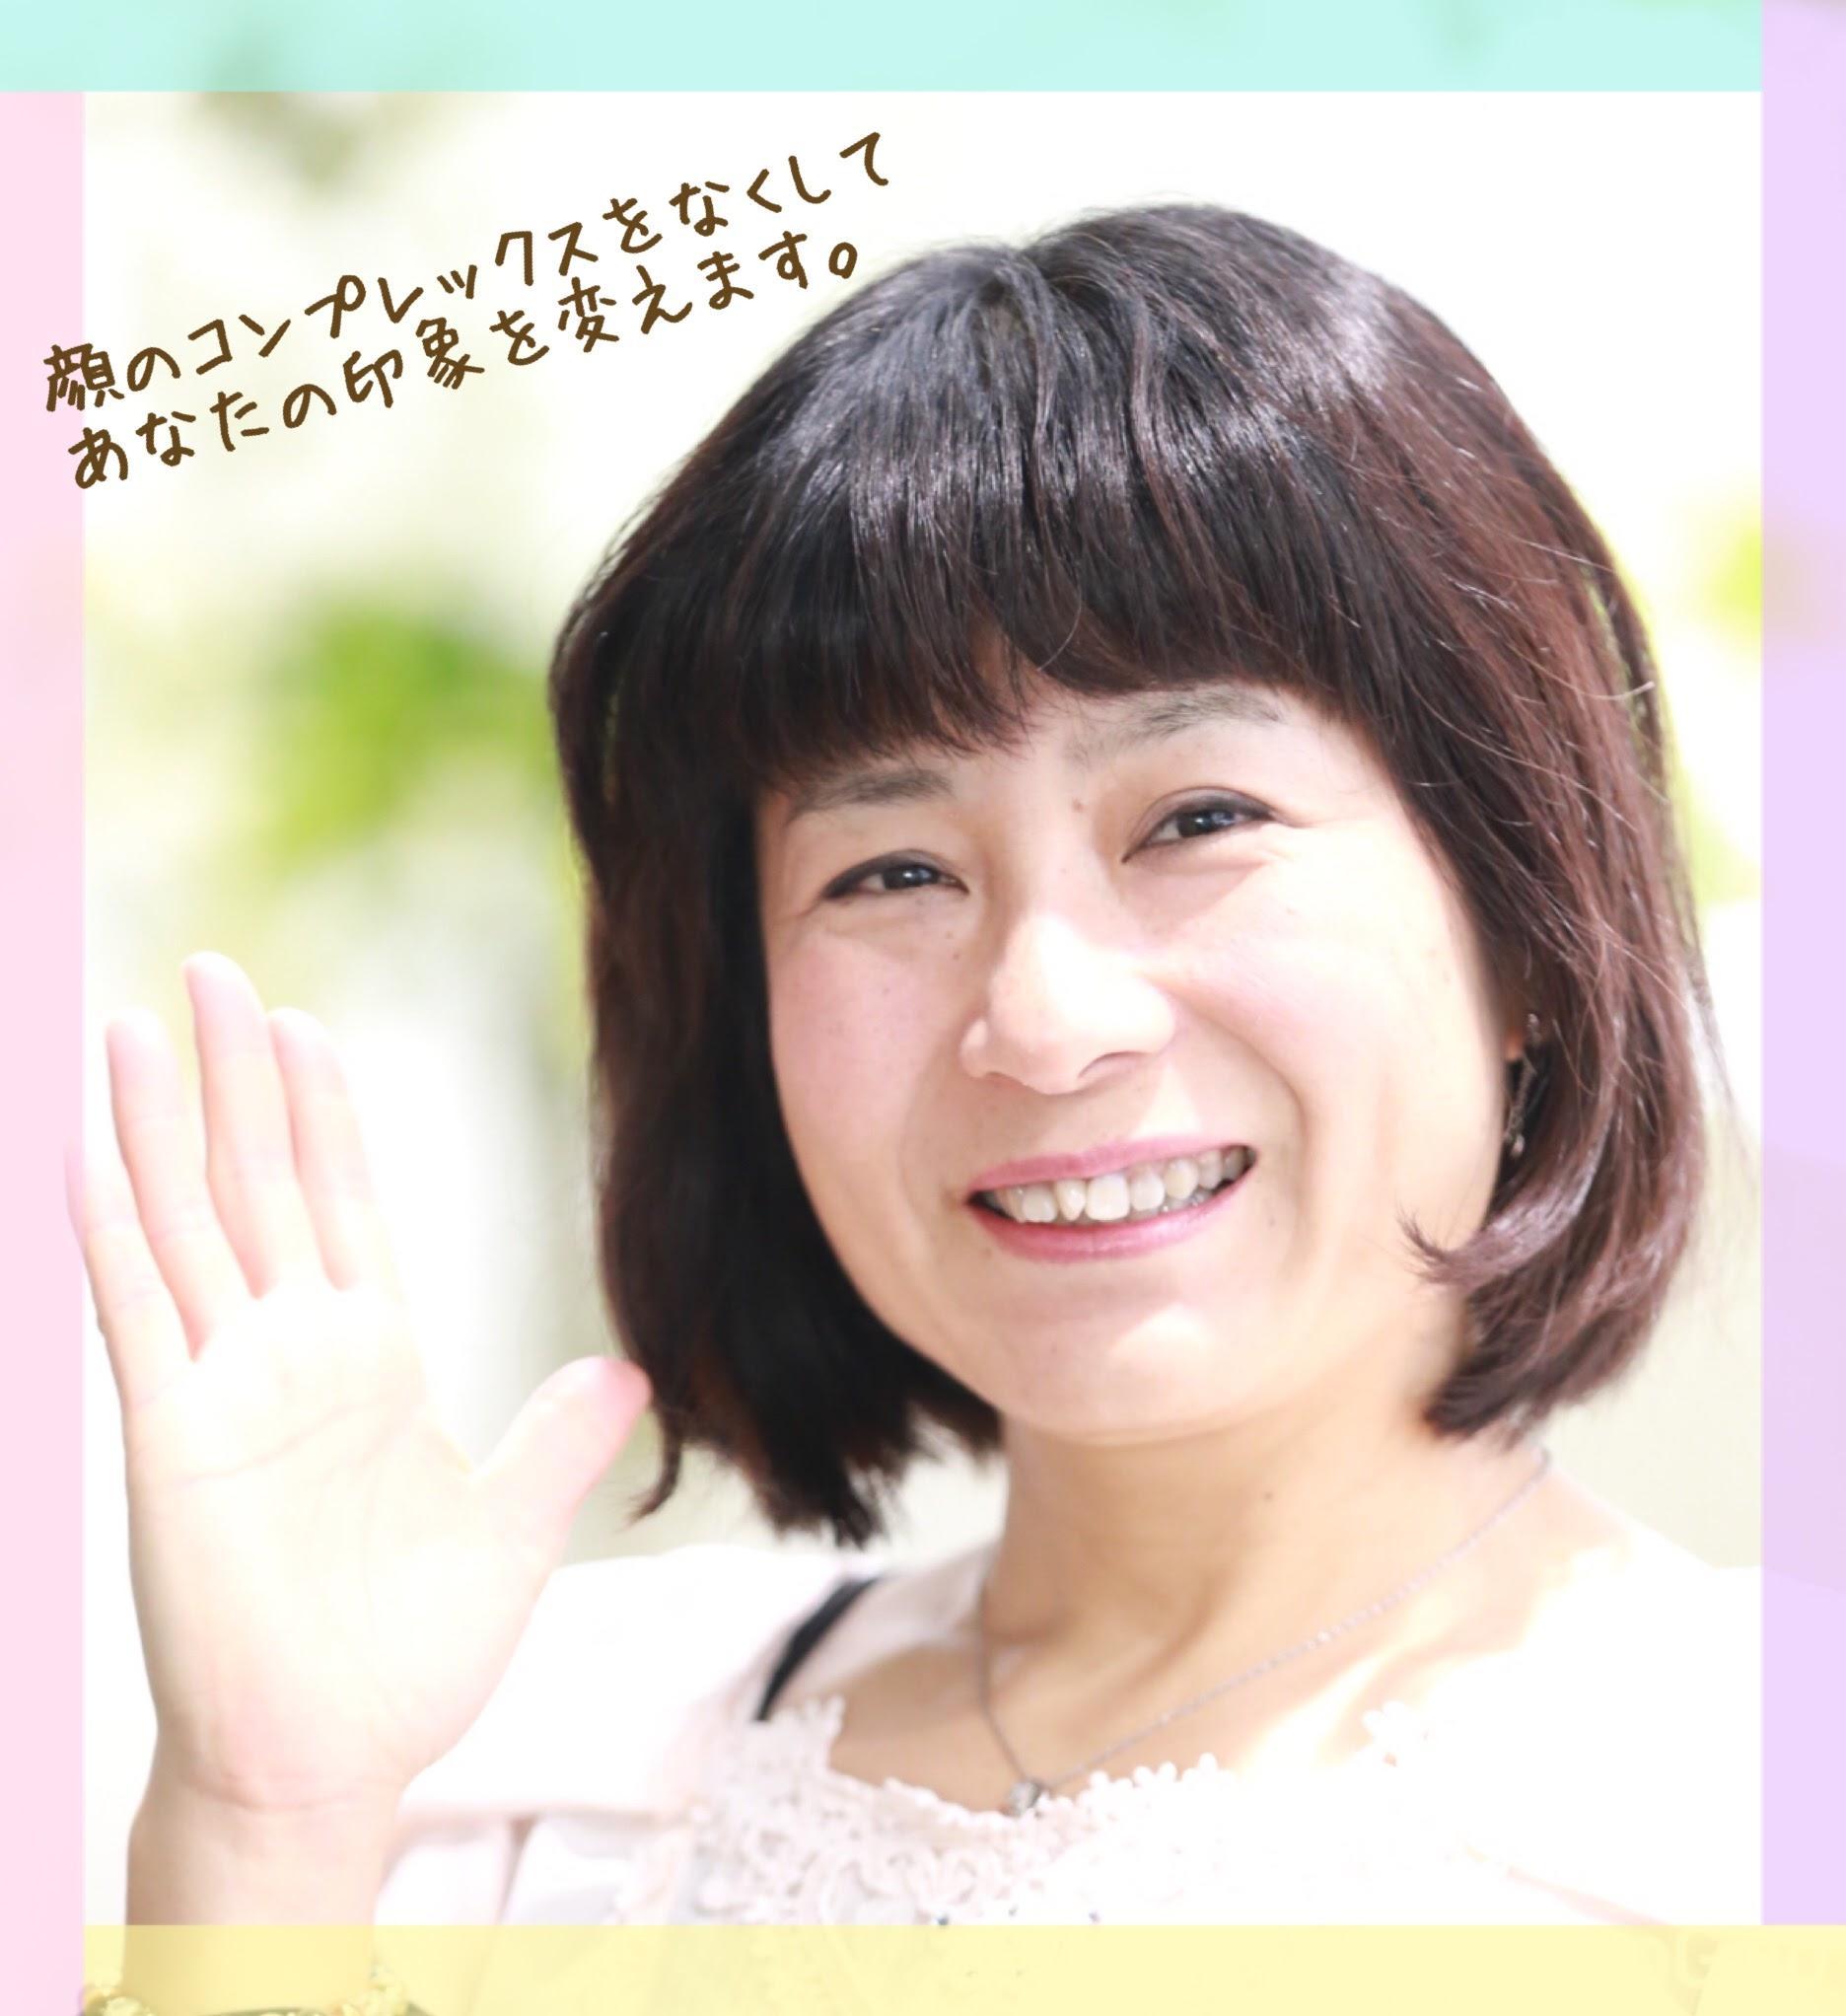 兵庫尼崎☆幸せ増える小顔矯正はお任せ☆阿部めぐみ